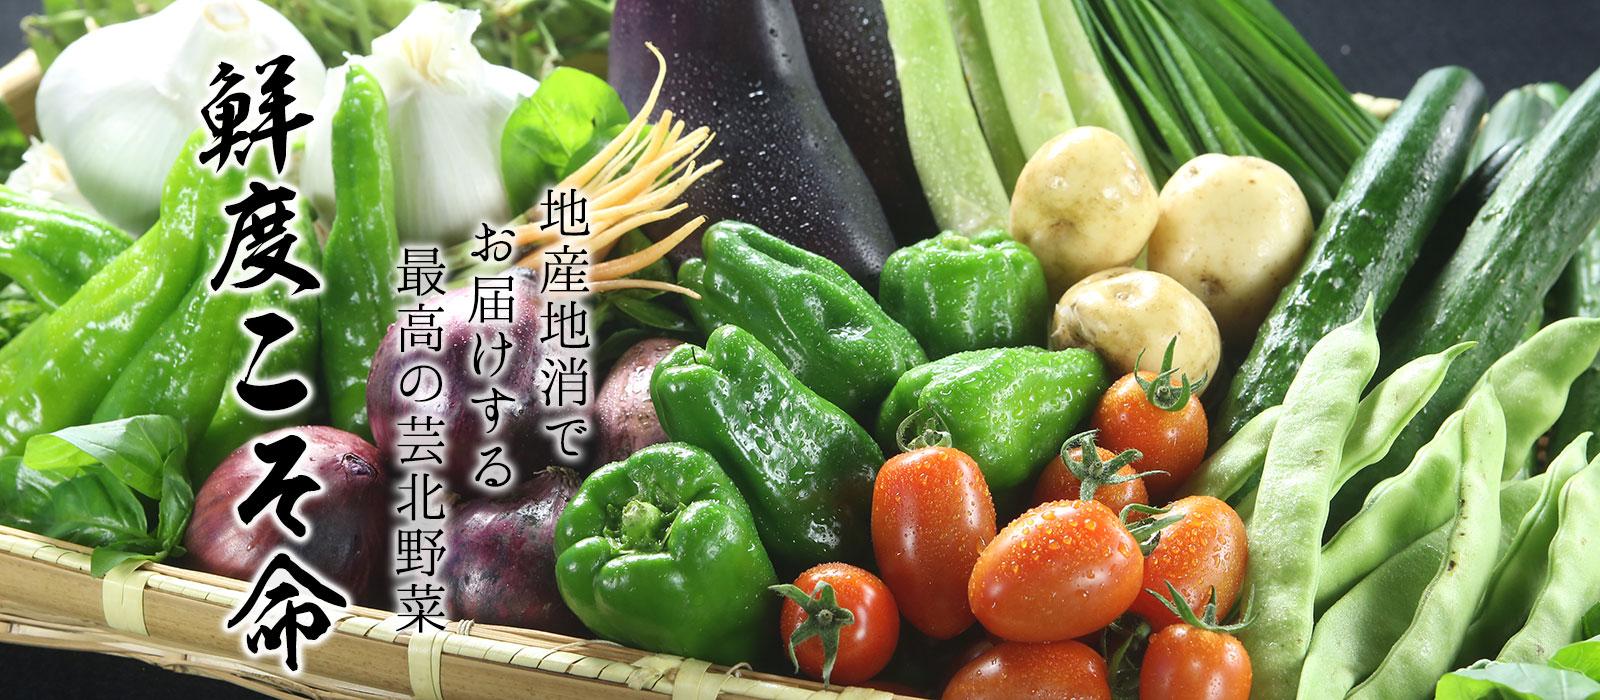 地産地消の芸北野菜